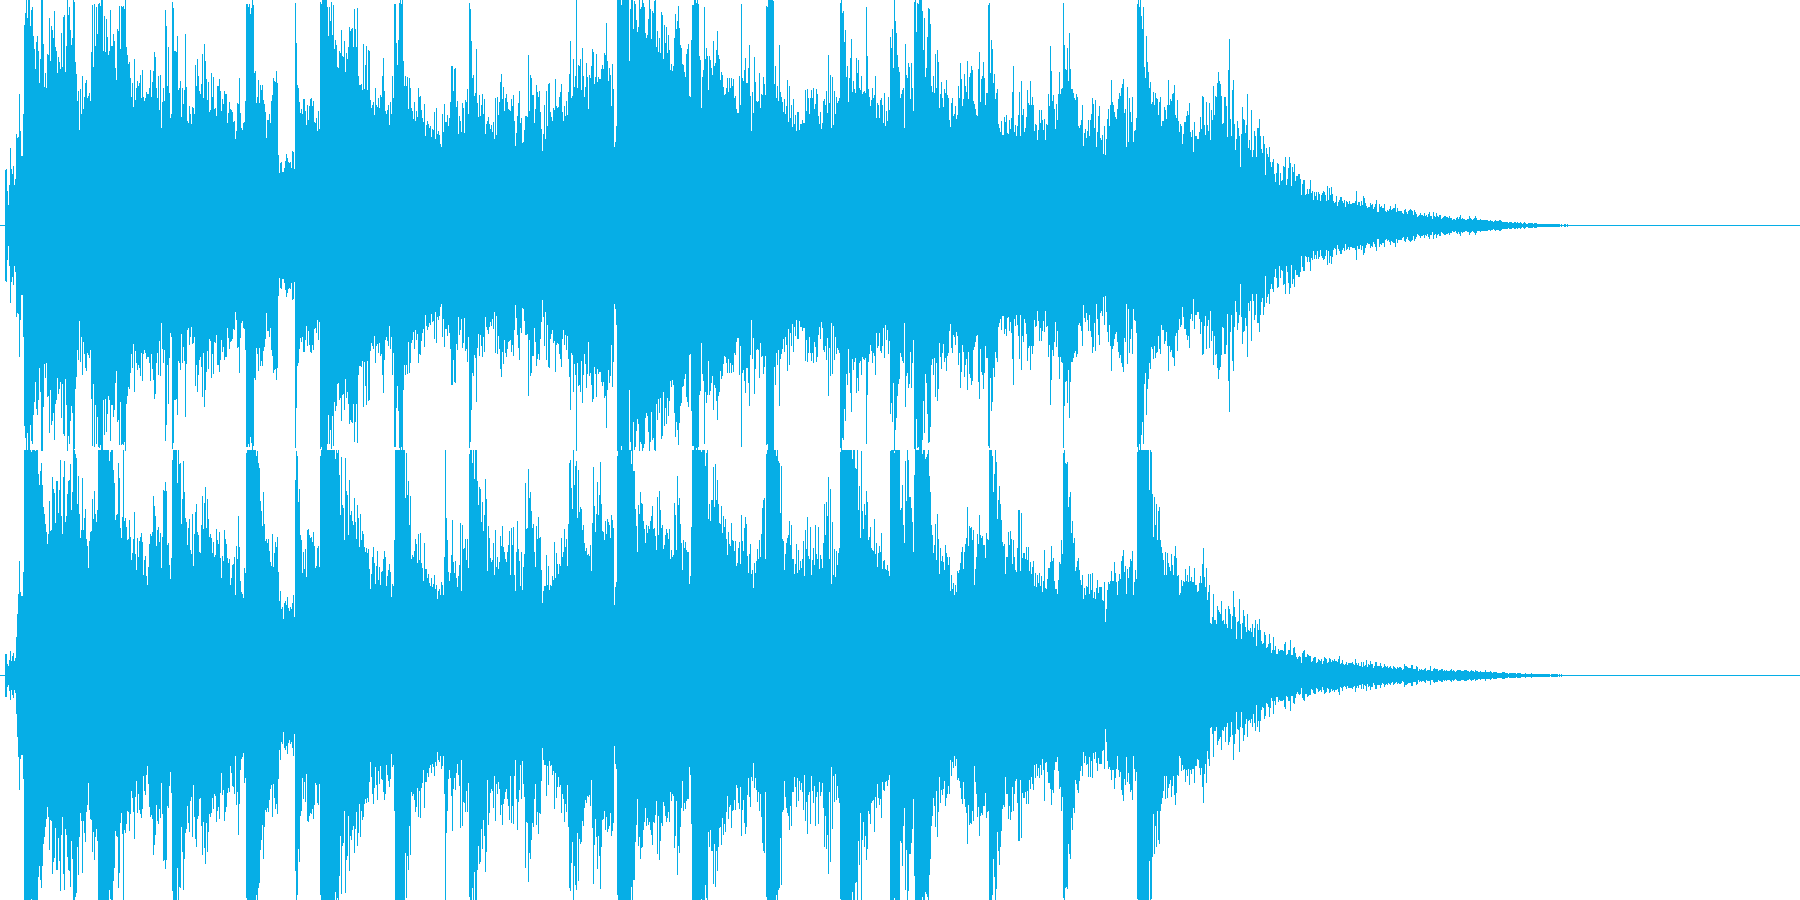 バグパイプのジングルの再生済みの波形